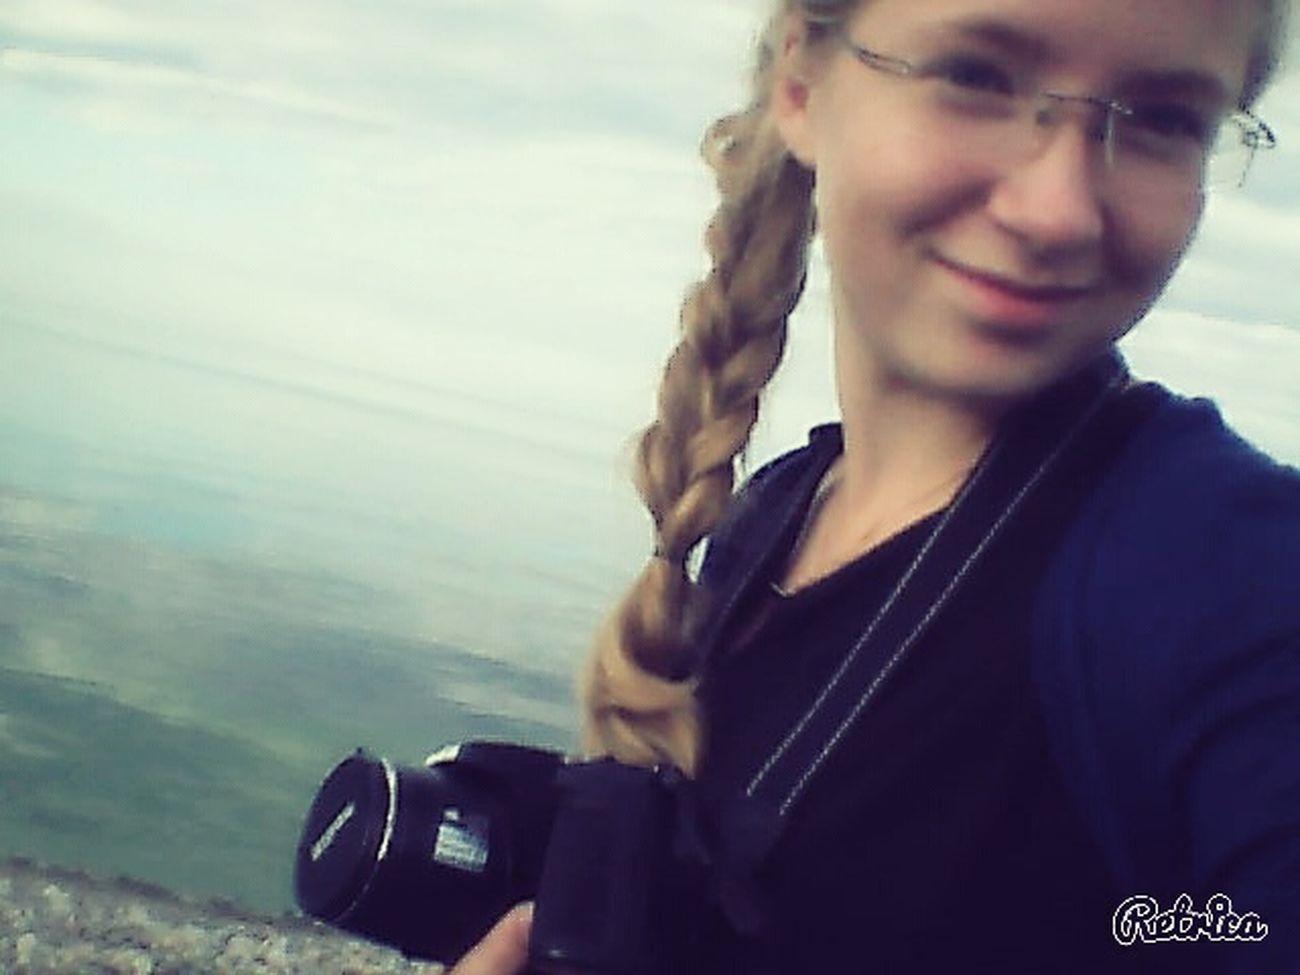 фотографирую фото фото теперь я фотограф камера Nikon Байкал на Байкале